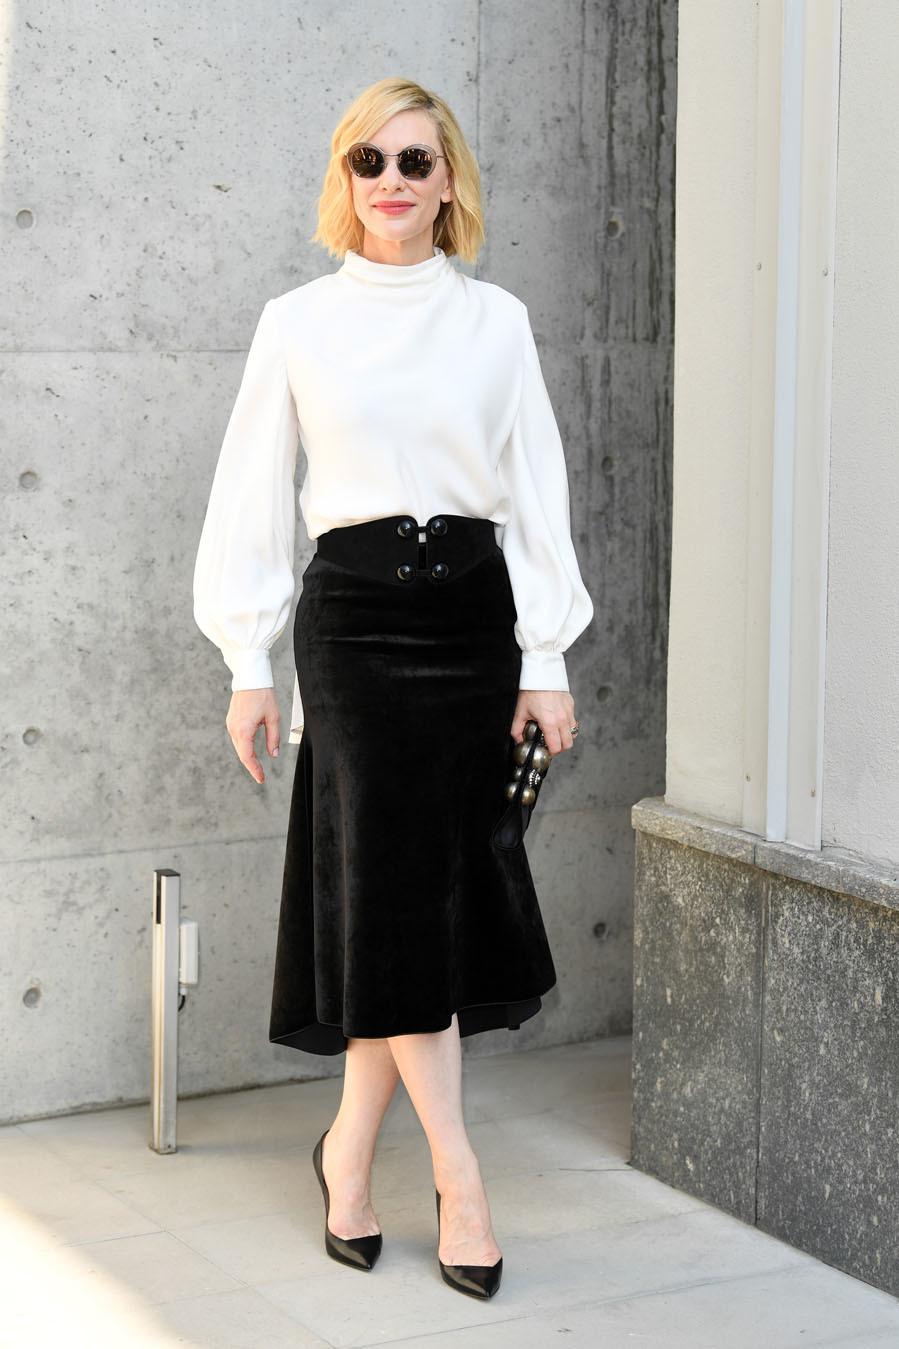 Cate Blanchett da una lección de estilo con un 'total look' bicolor de Armani